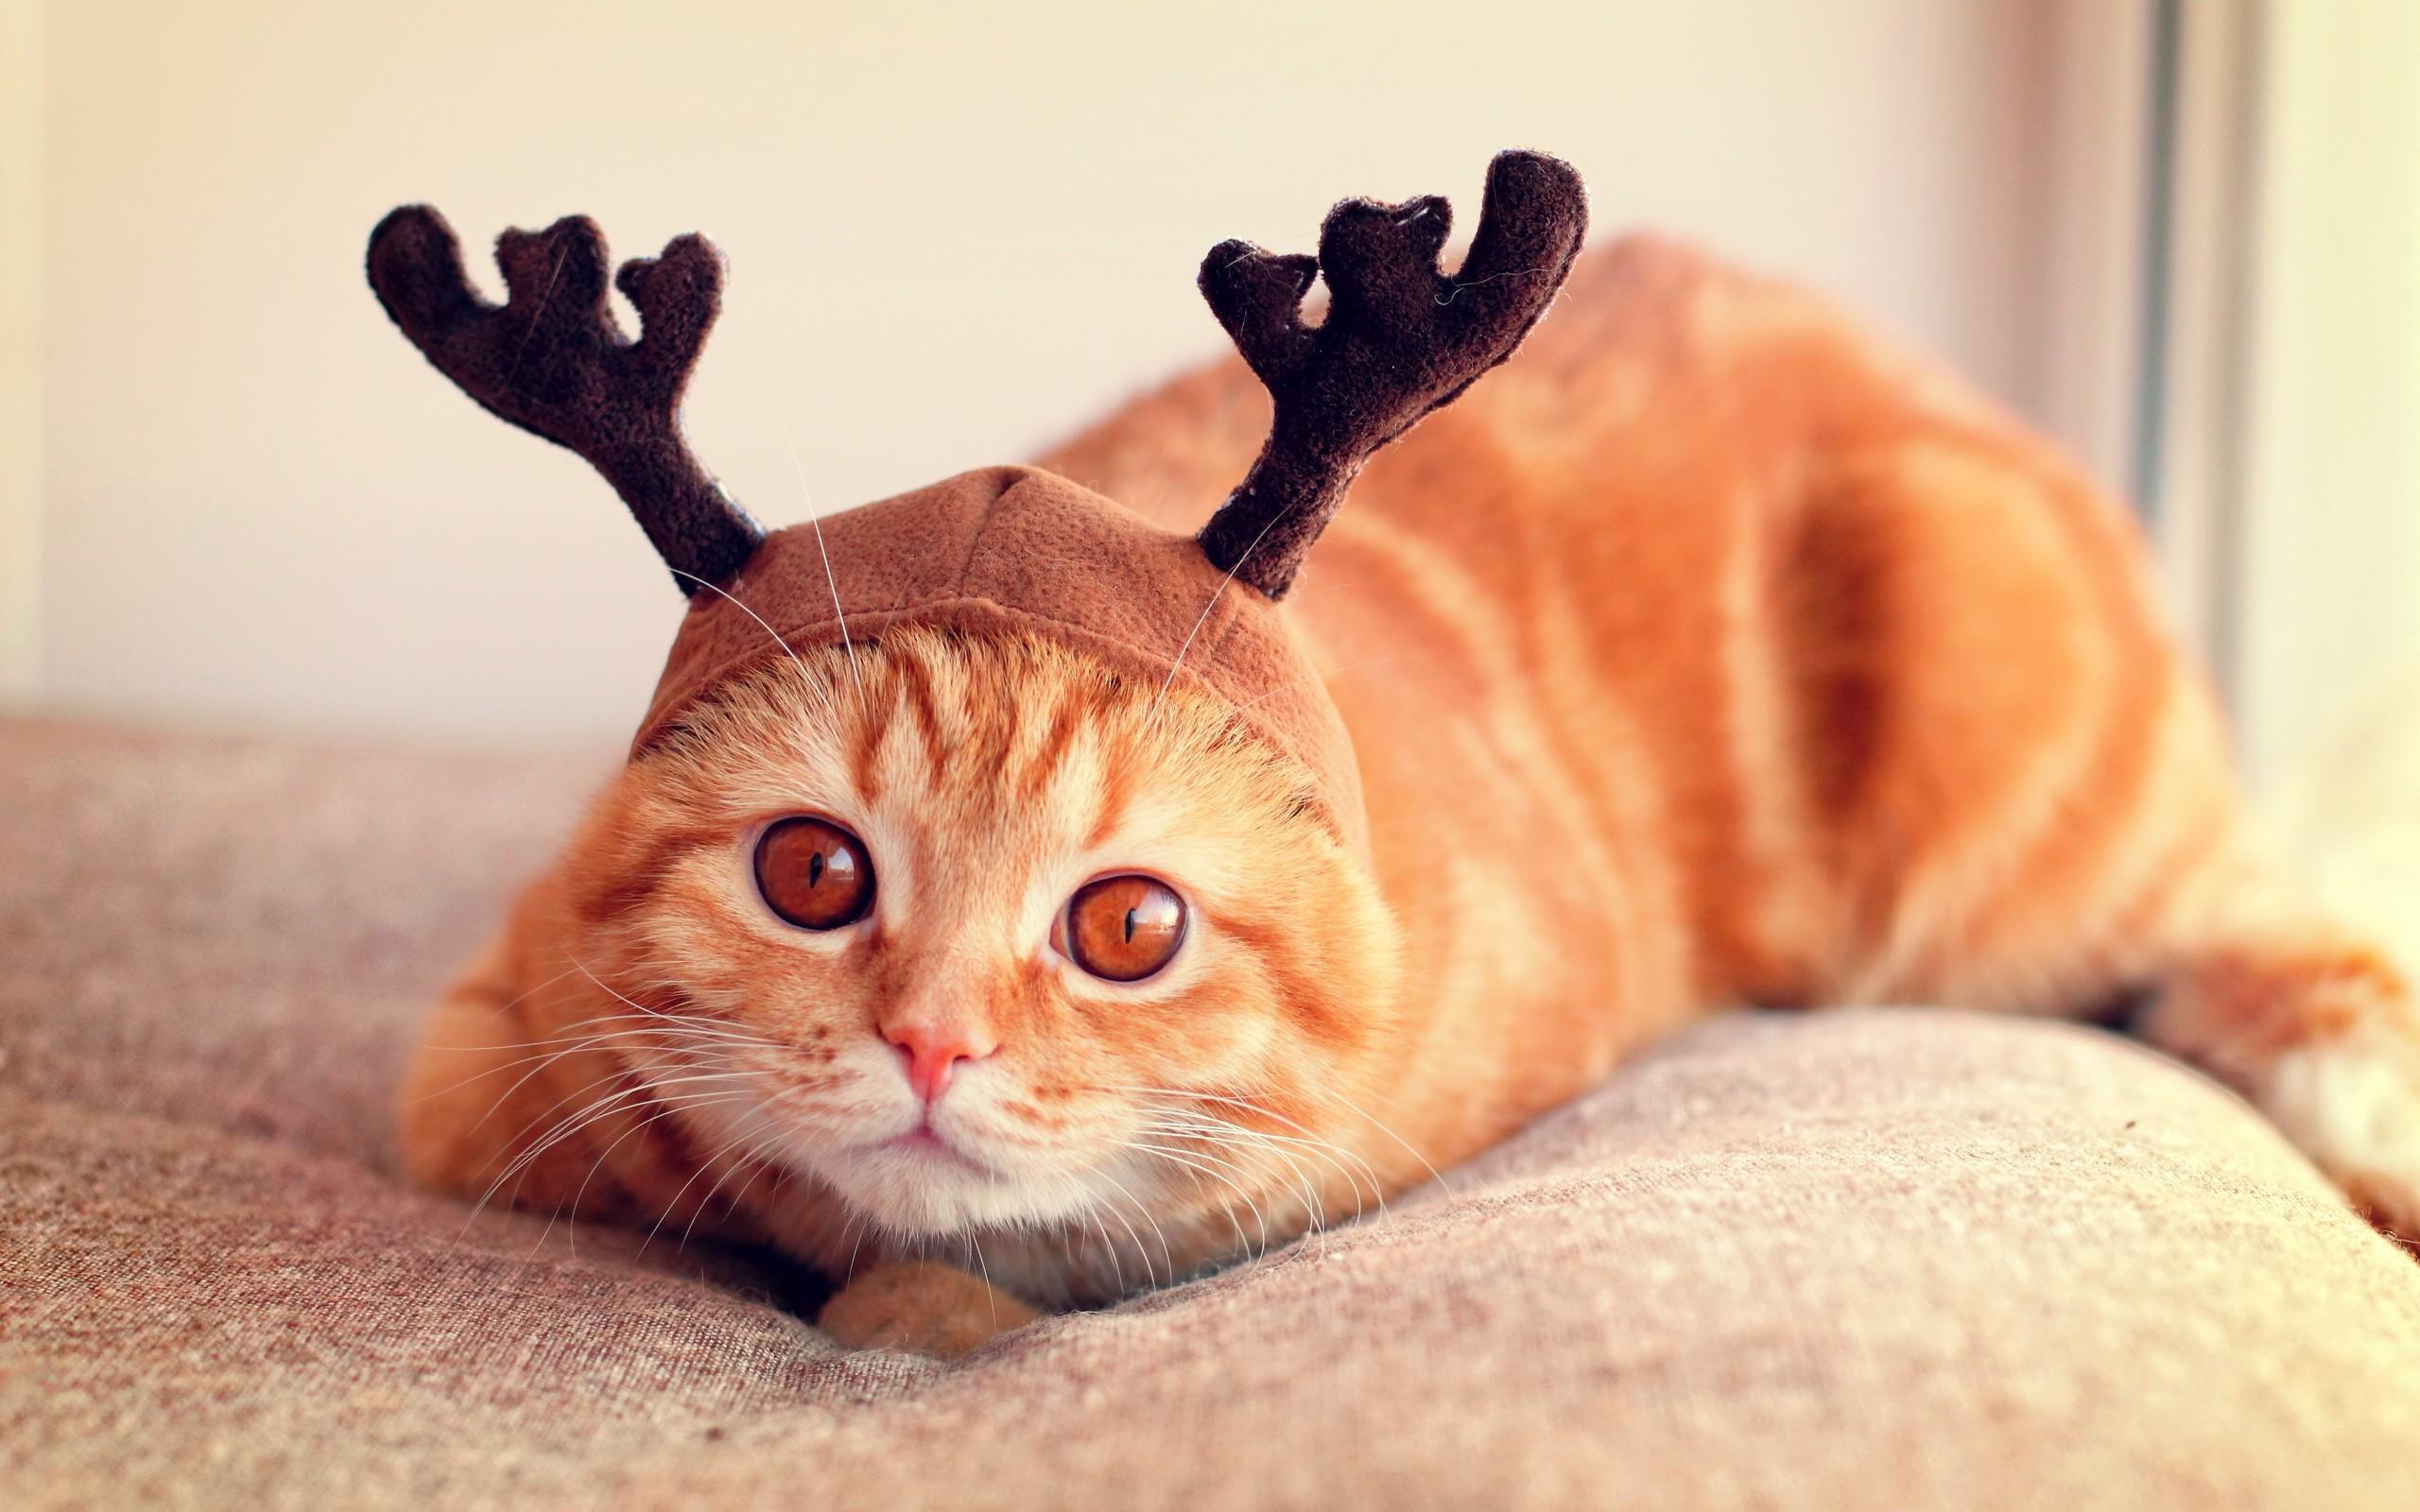 Cutest Reindeer